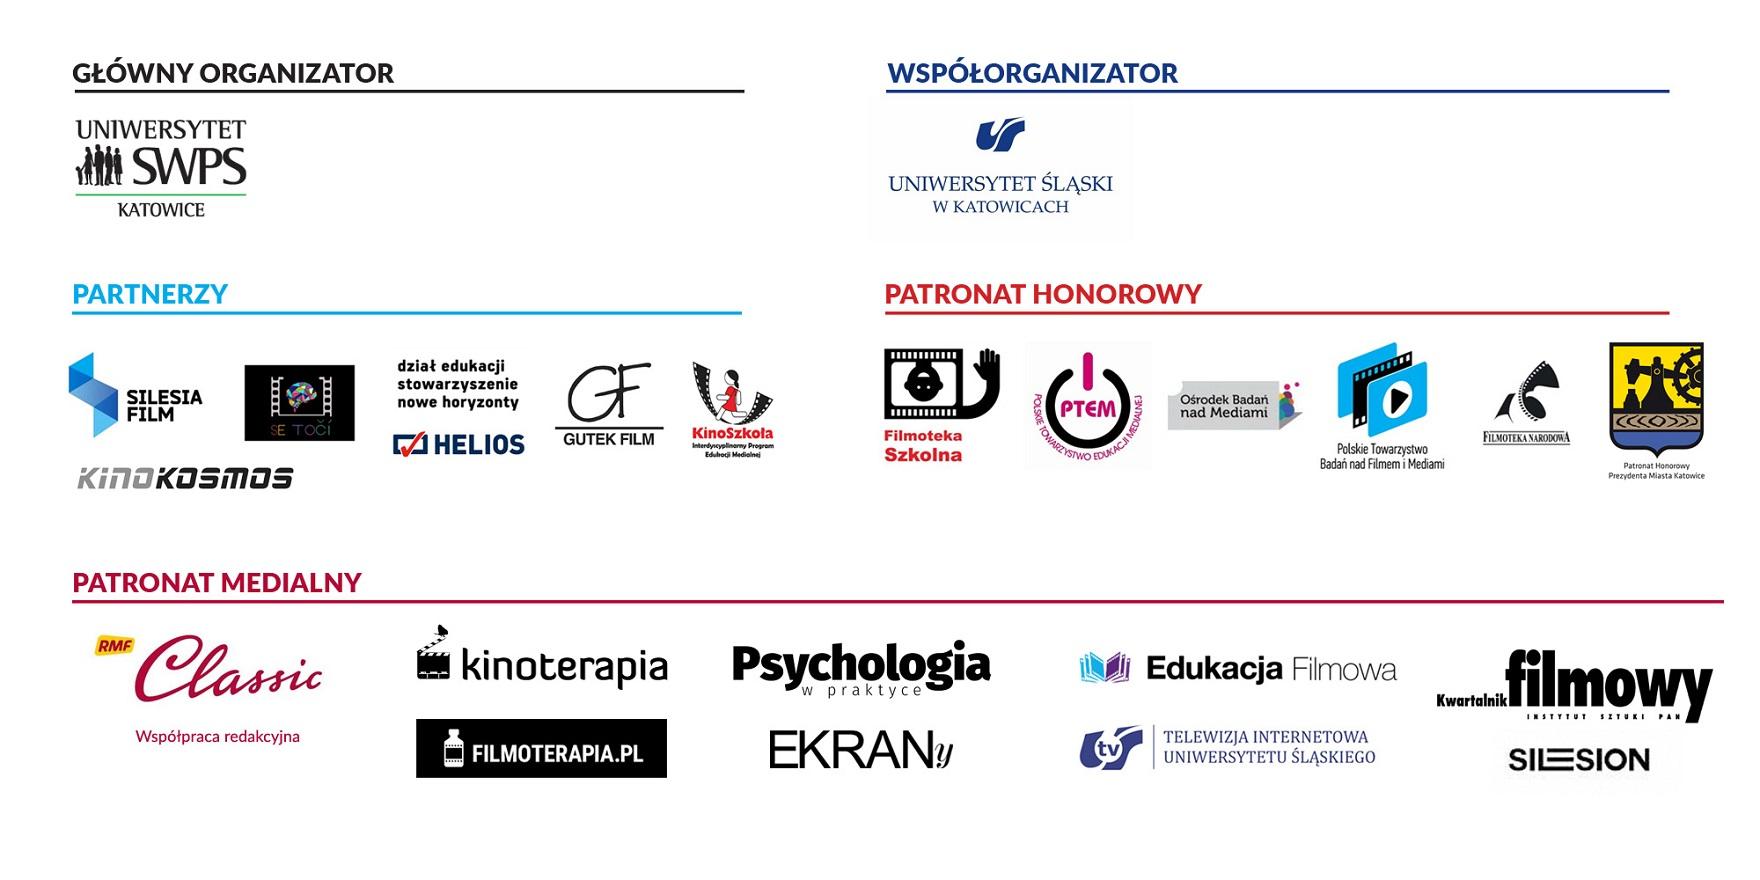 logotypy-psychotropy33